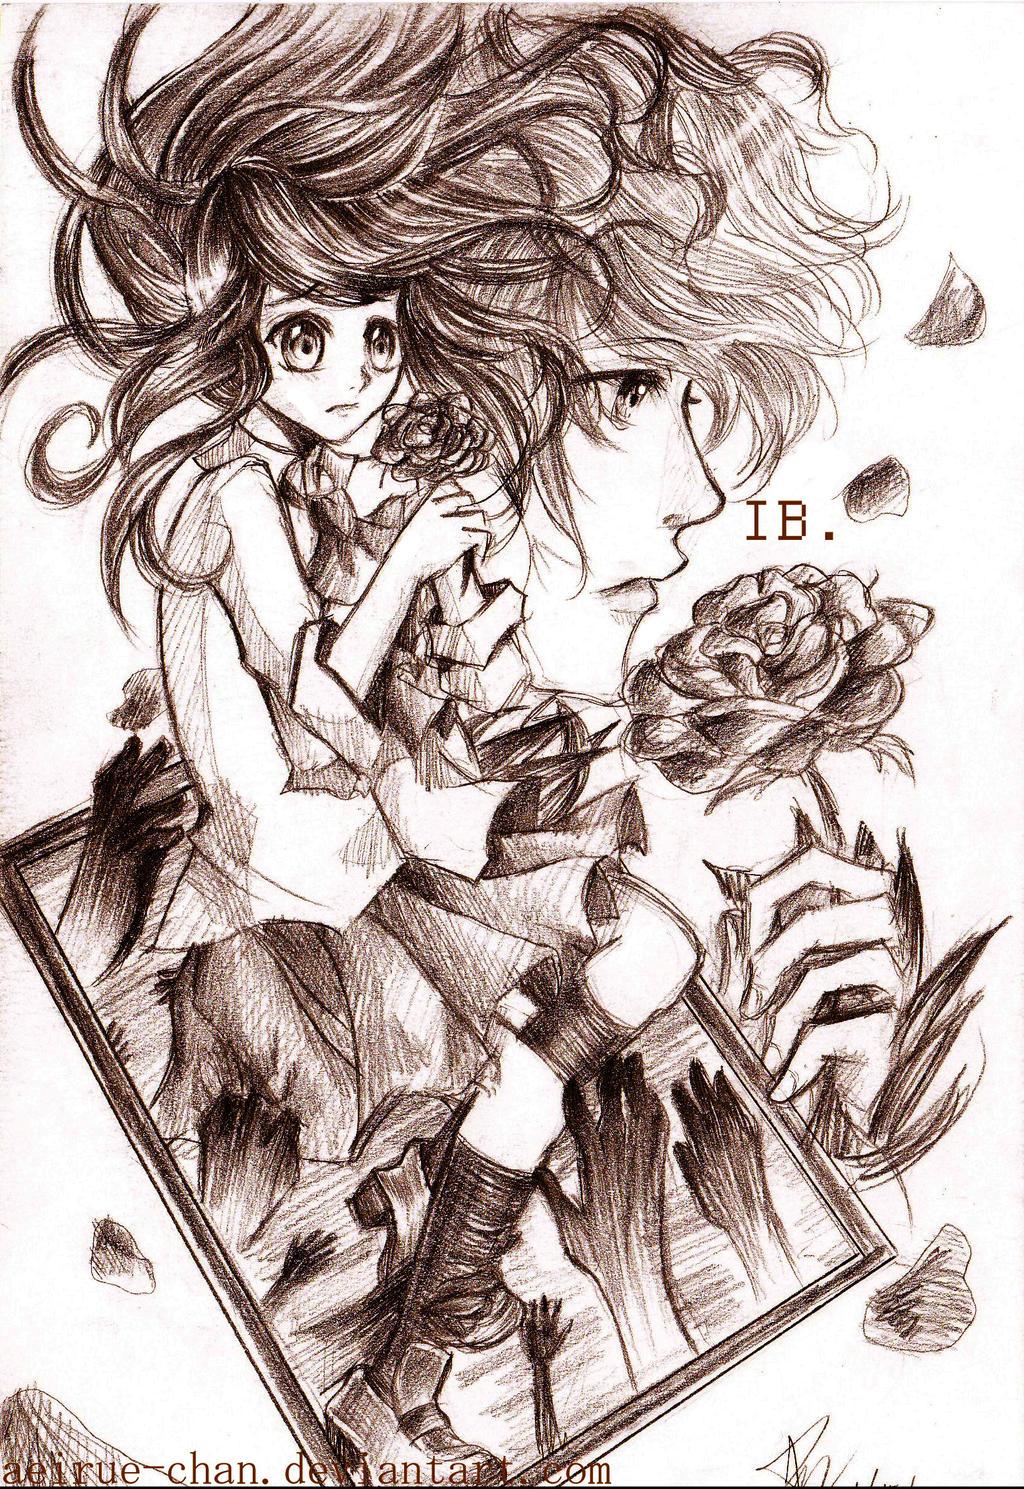 IB sketch by aeirue-chan